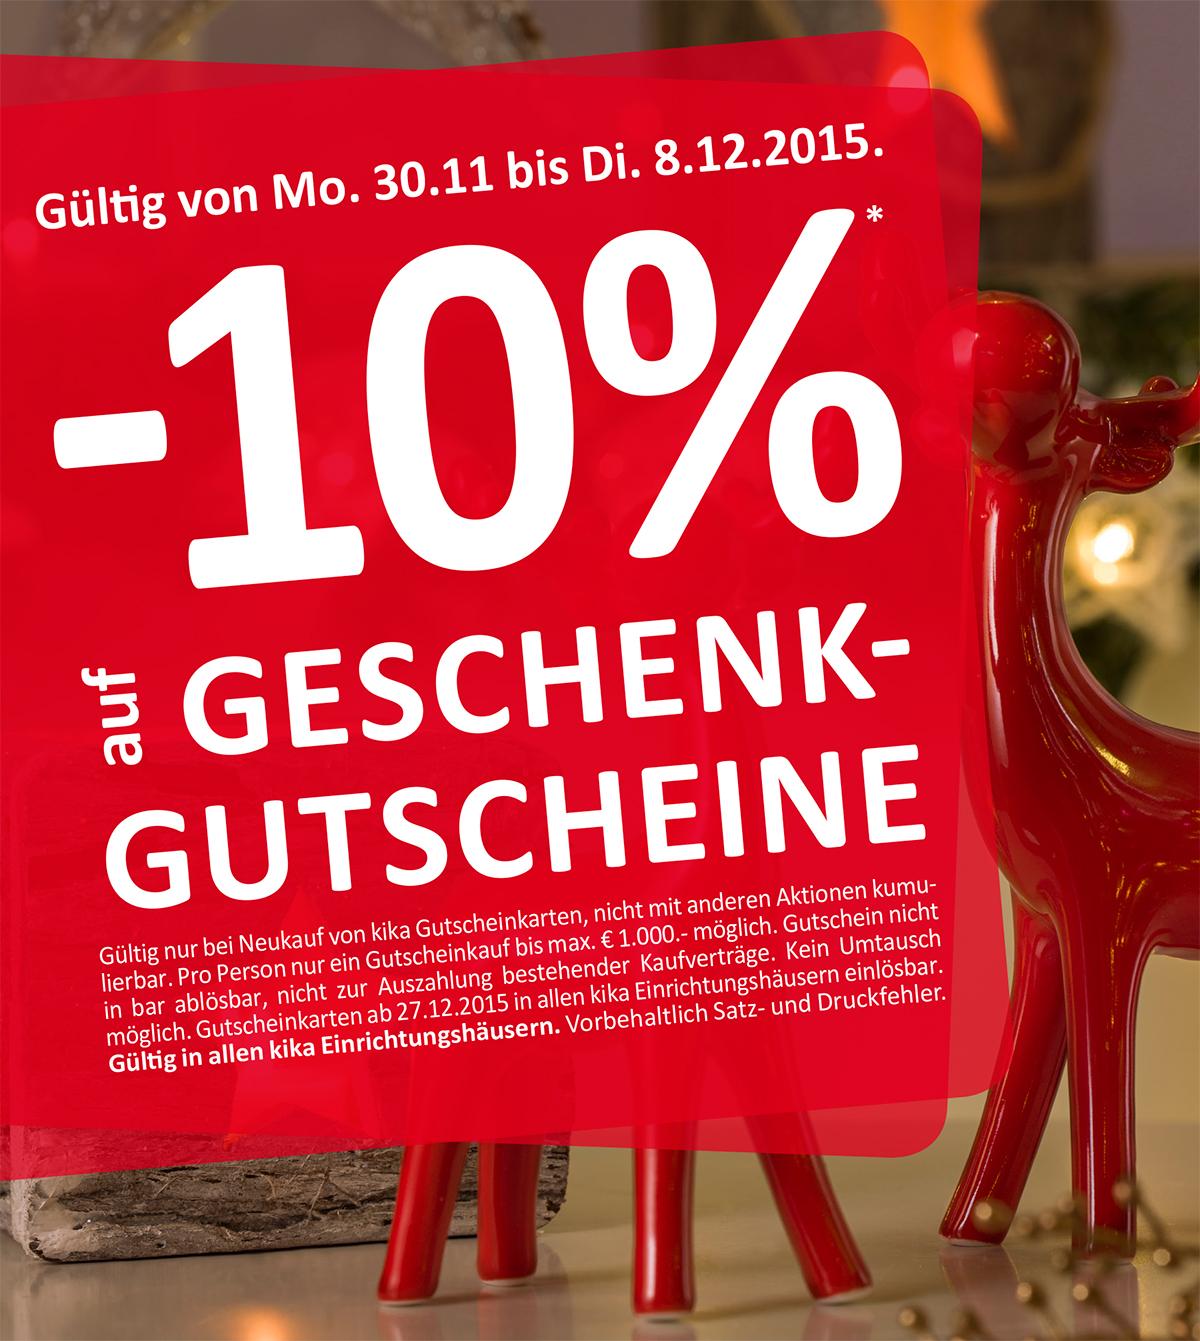 -10% auf KIKA Gutscheinkarten - bis 8.12.2015